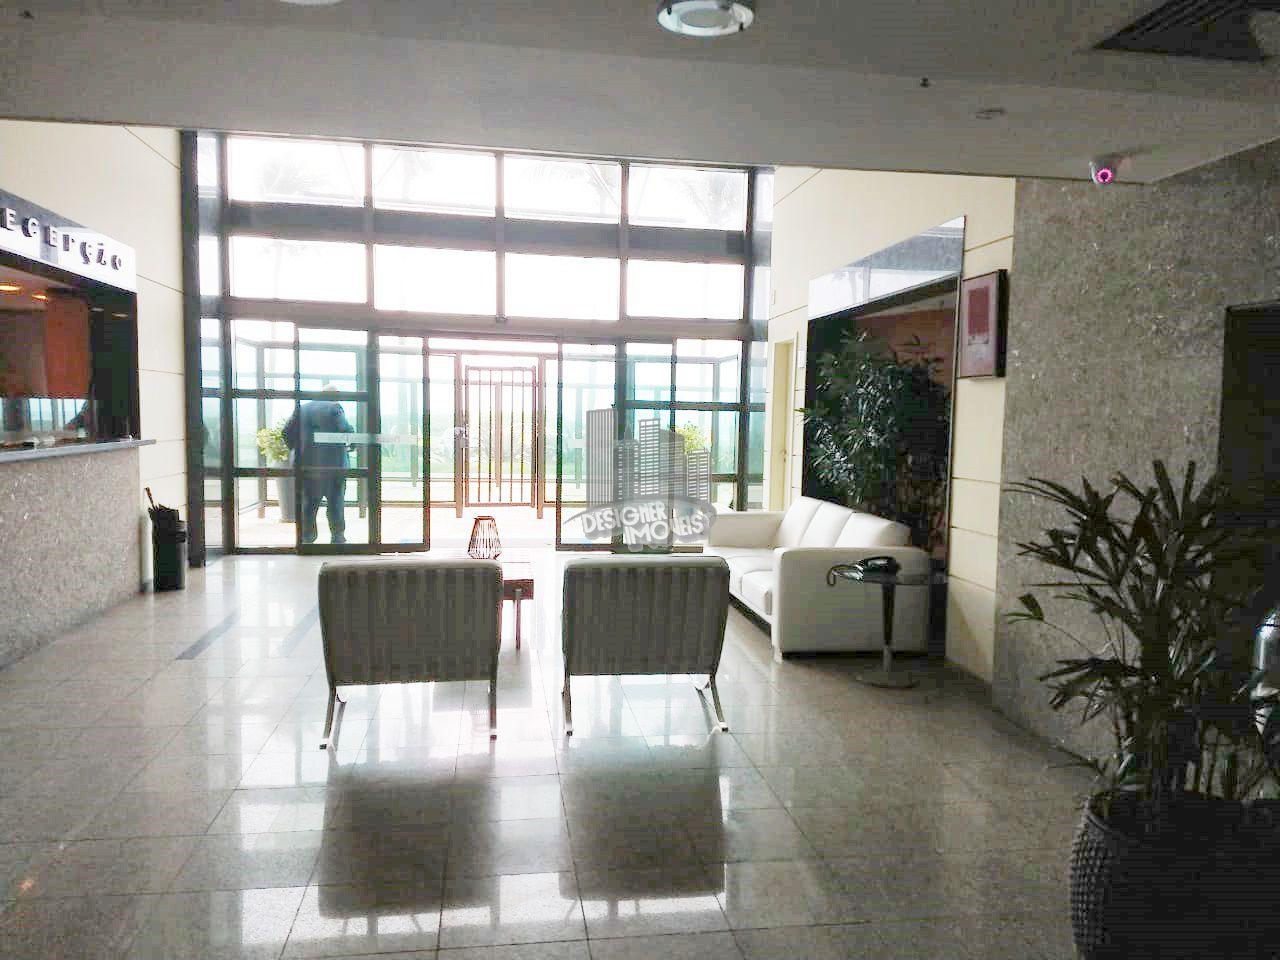 Flat Condomínio Barra Royal Plaza, Avenida Lucio Costa,Rio de Janeiro, Zona Oeste,Barra da Tijuca, RJ Para Alugar, 1 Quarto, 50m² - FLAT0001 - 25